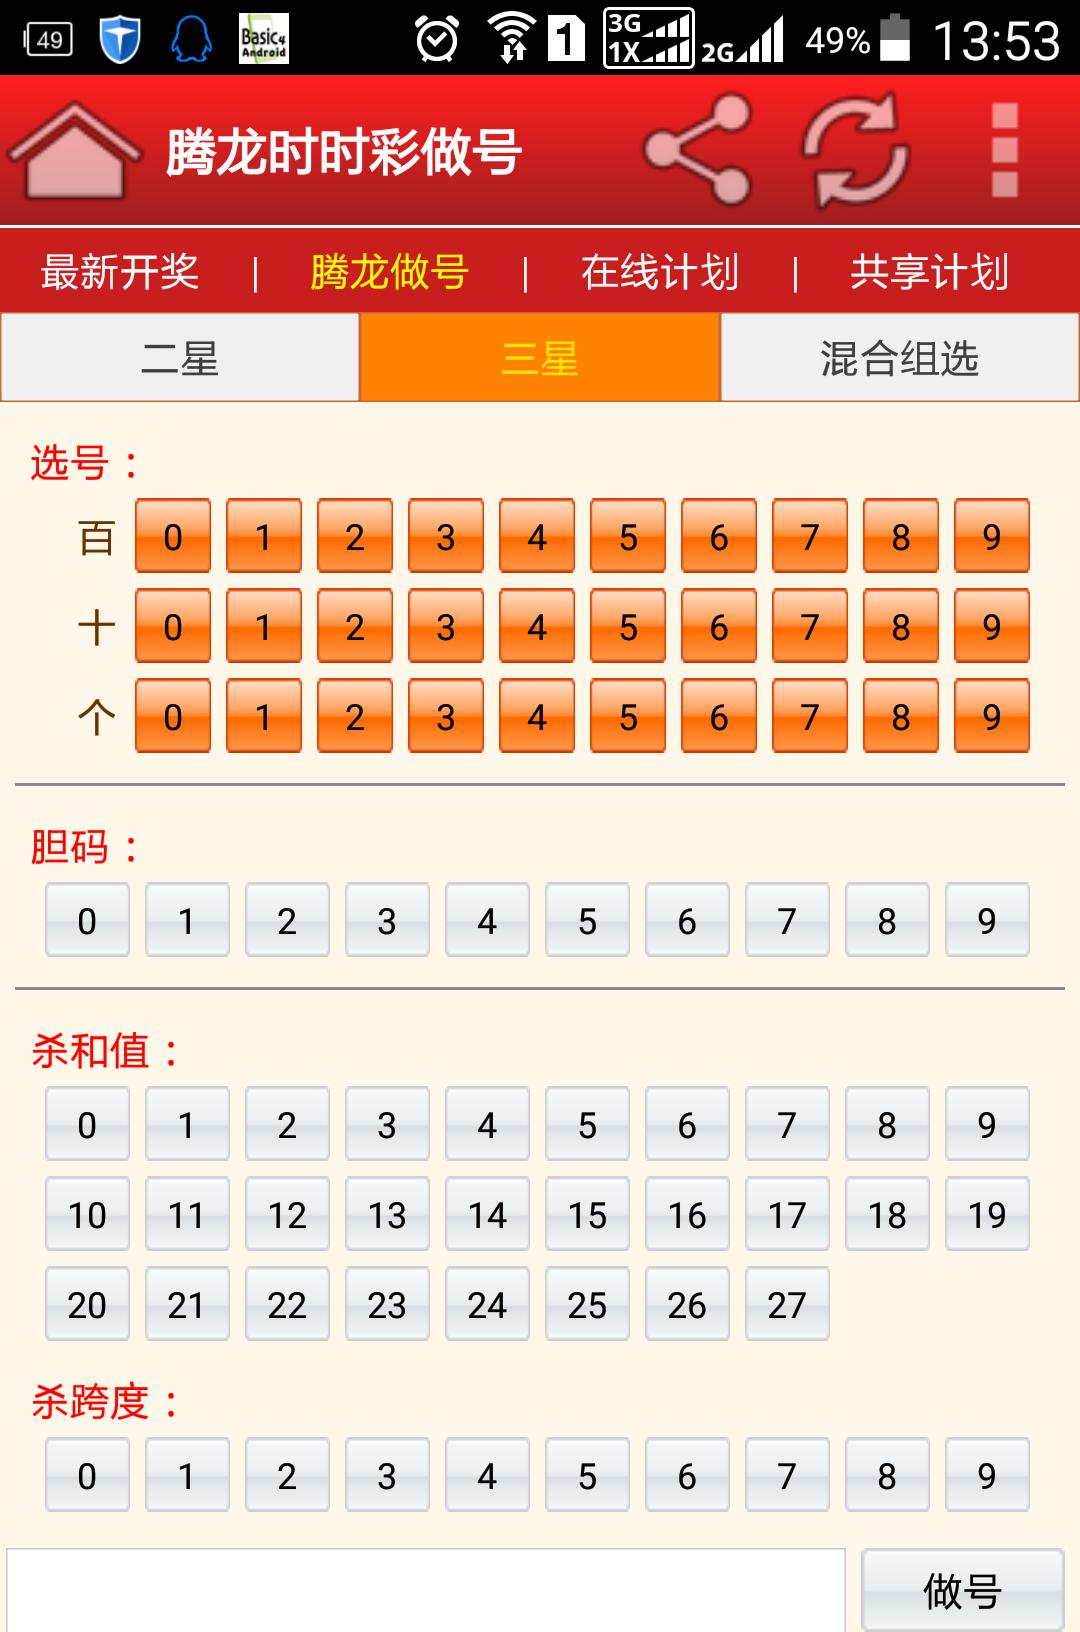 重庆时时彩组选六八码_软件包括重庆时时彩实时开奖,开奖时语音报号